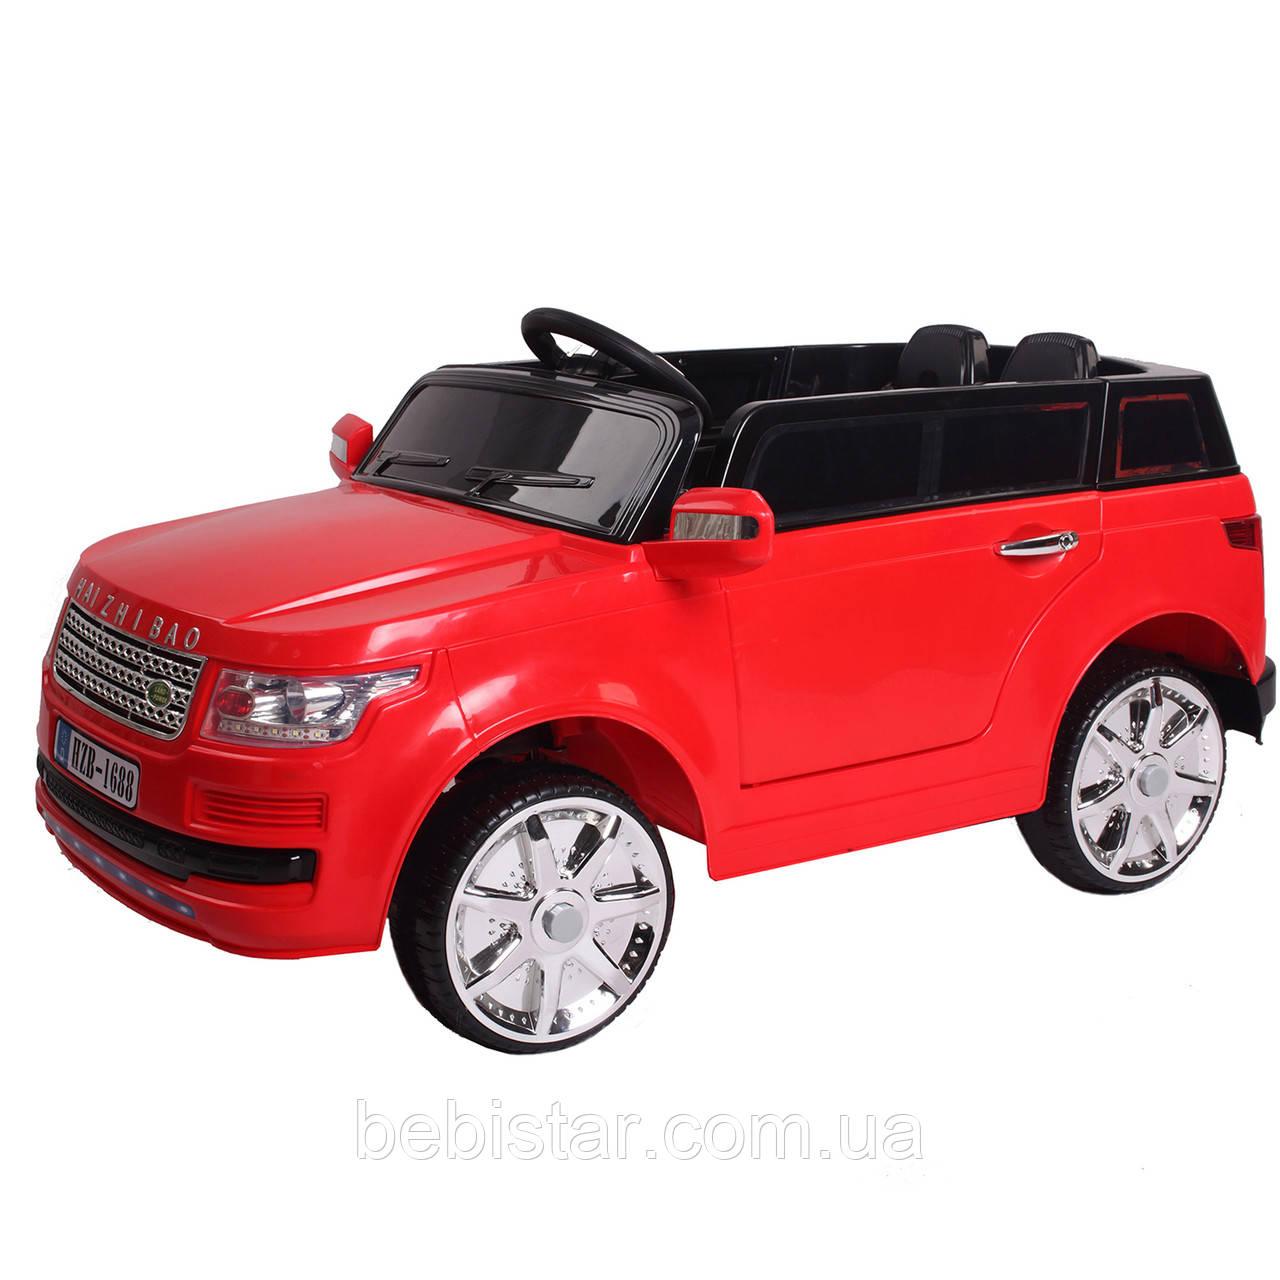 Детский электромобиль Джип красный с пультом аккумулятор 2*6V4.5AH, мотор 2*25W с МР3